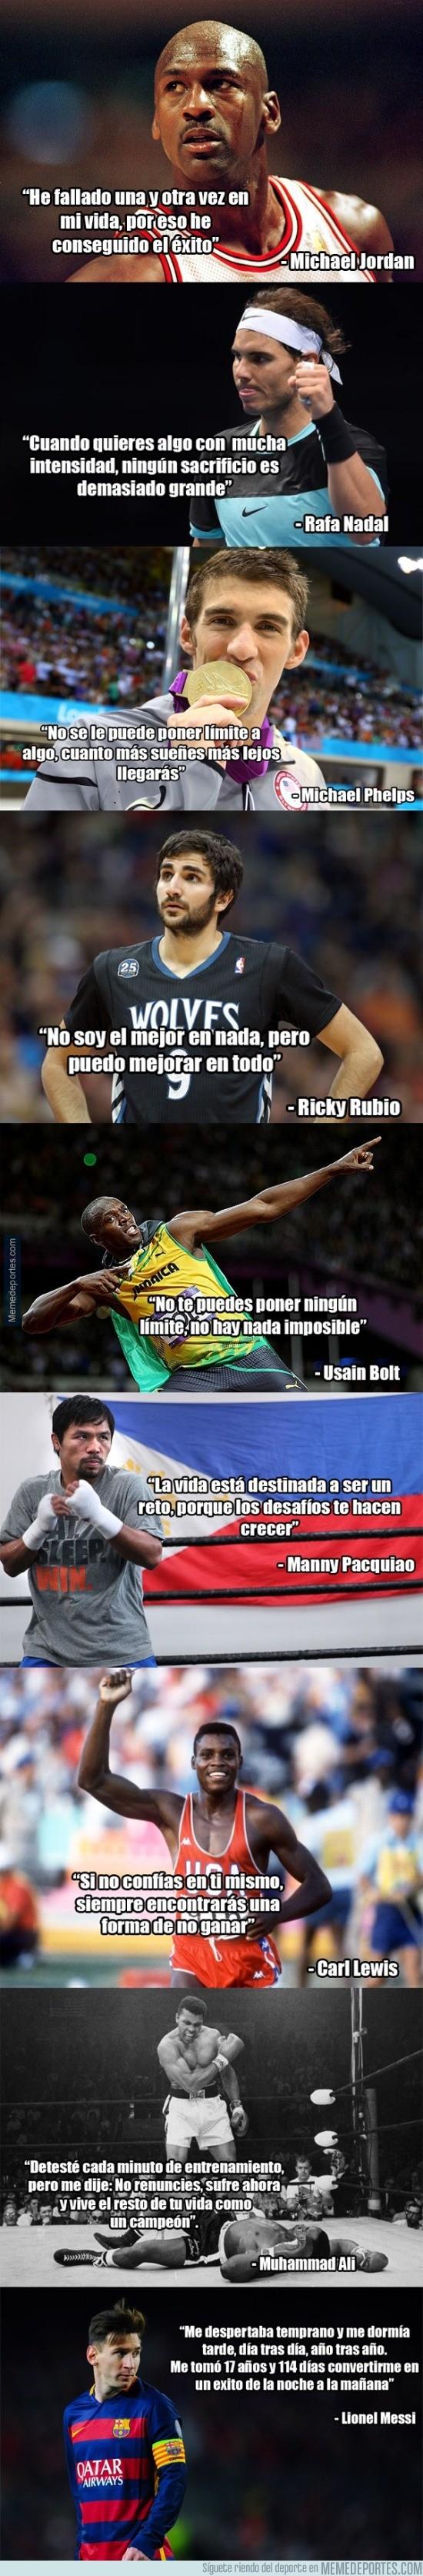 795547 - Frases motivadoras de algunos deportistas famosos